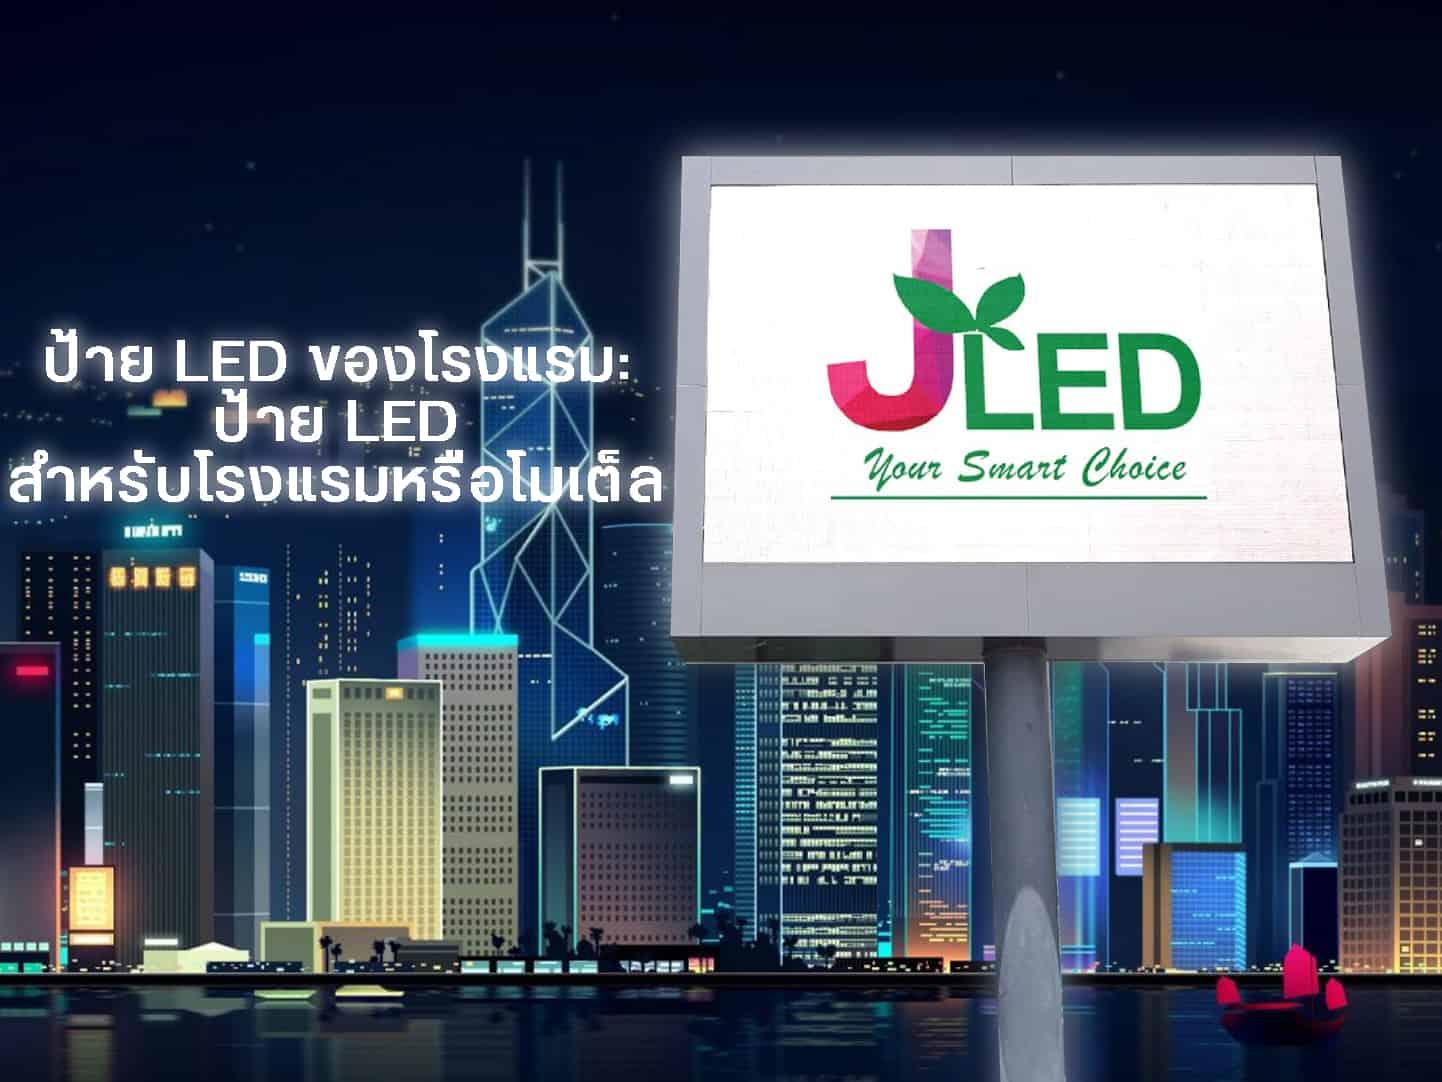 ป้าย LED ของโรงแรม ป้าย LED สำหรับโรงแรมหรือโมเต็ล jled led display